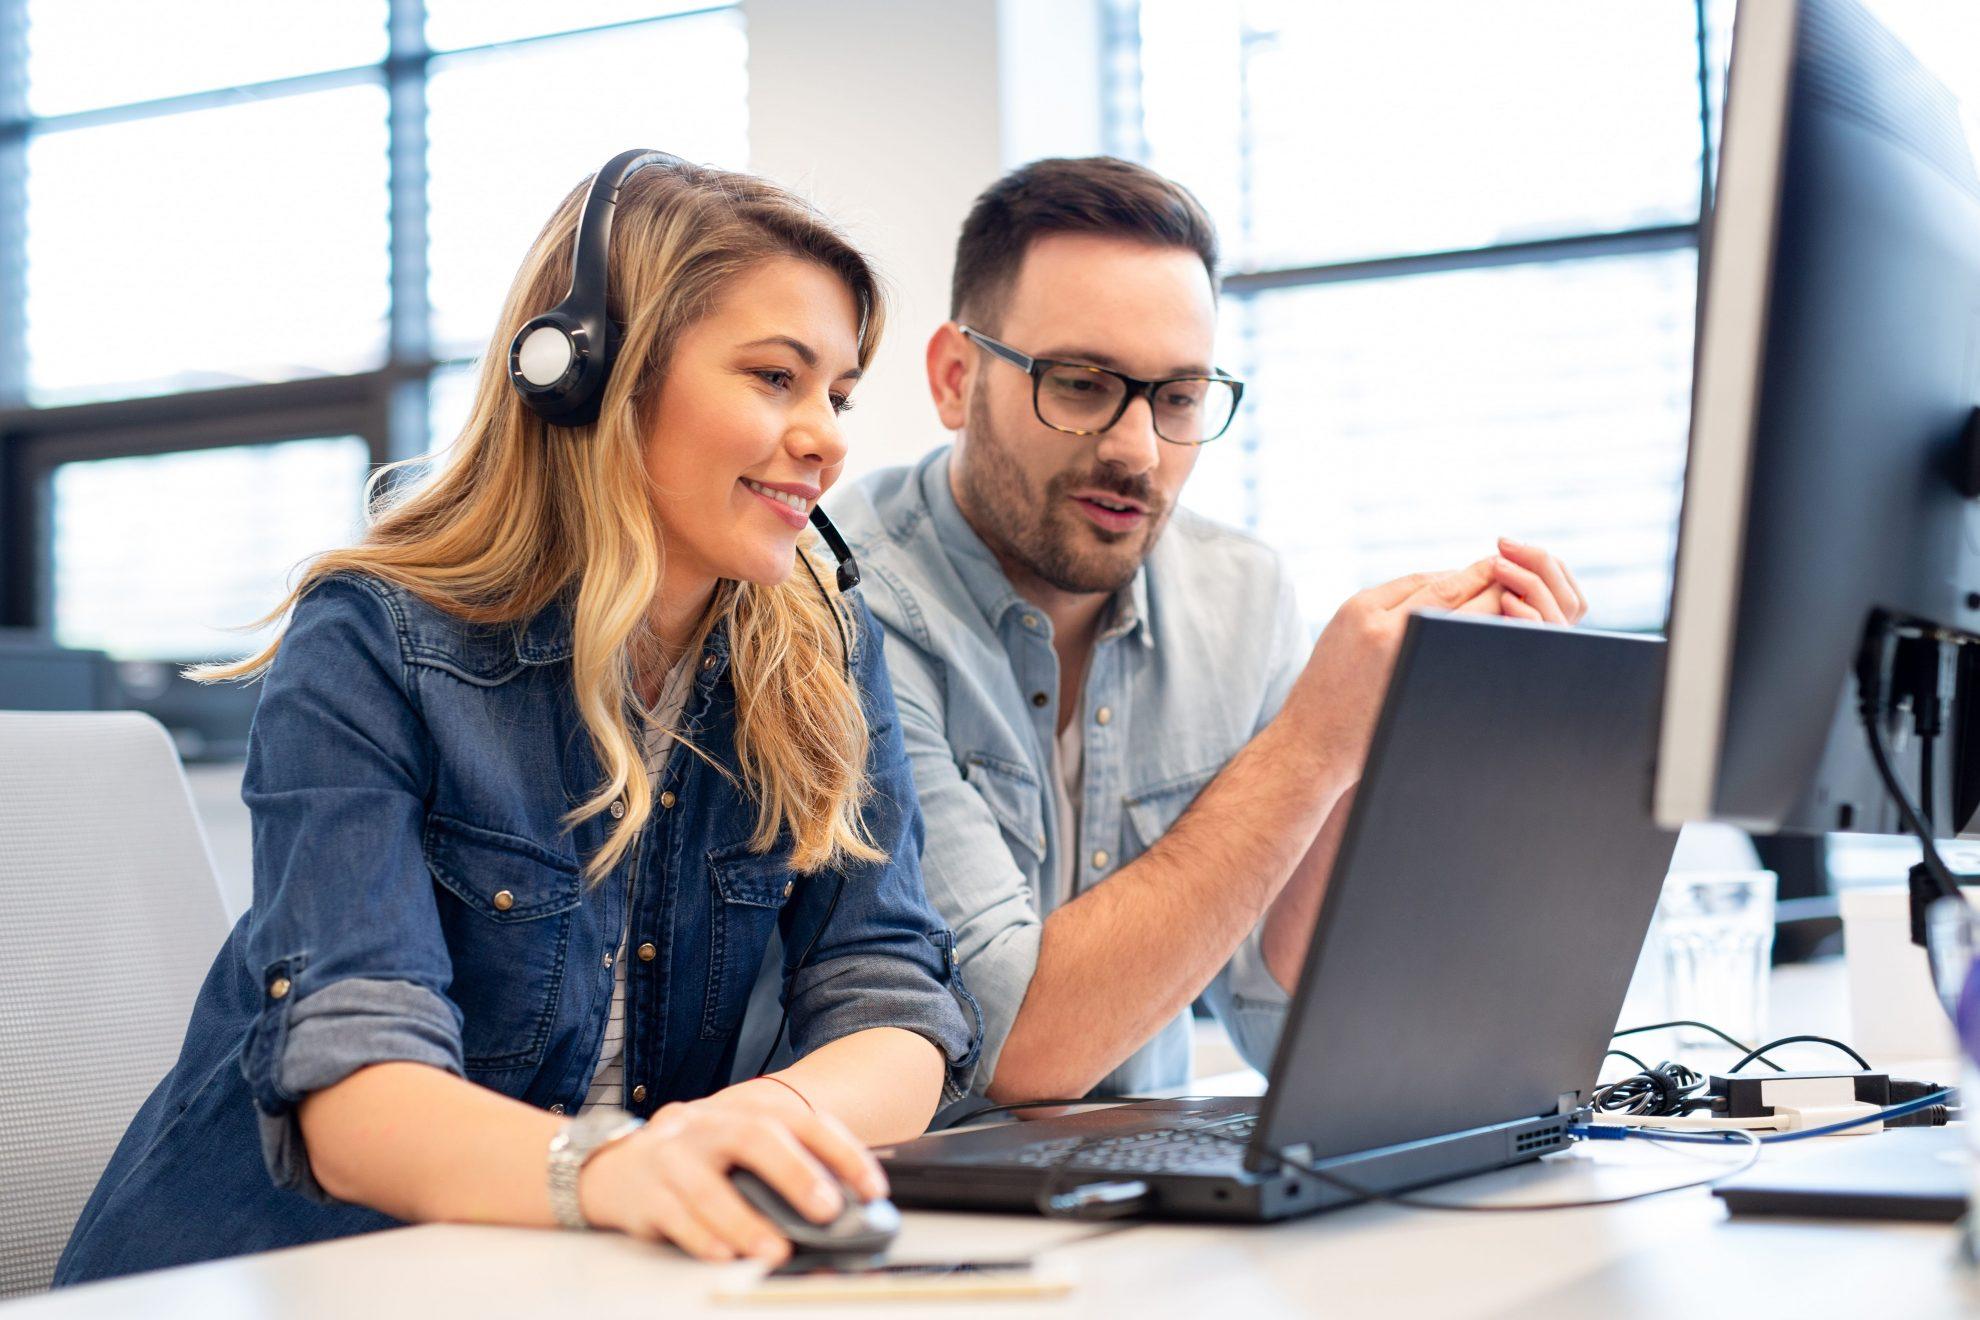 Цифрови записващи устройства на разговори – архитектура и софтуер